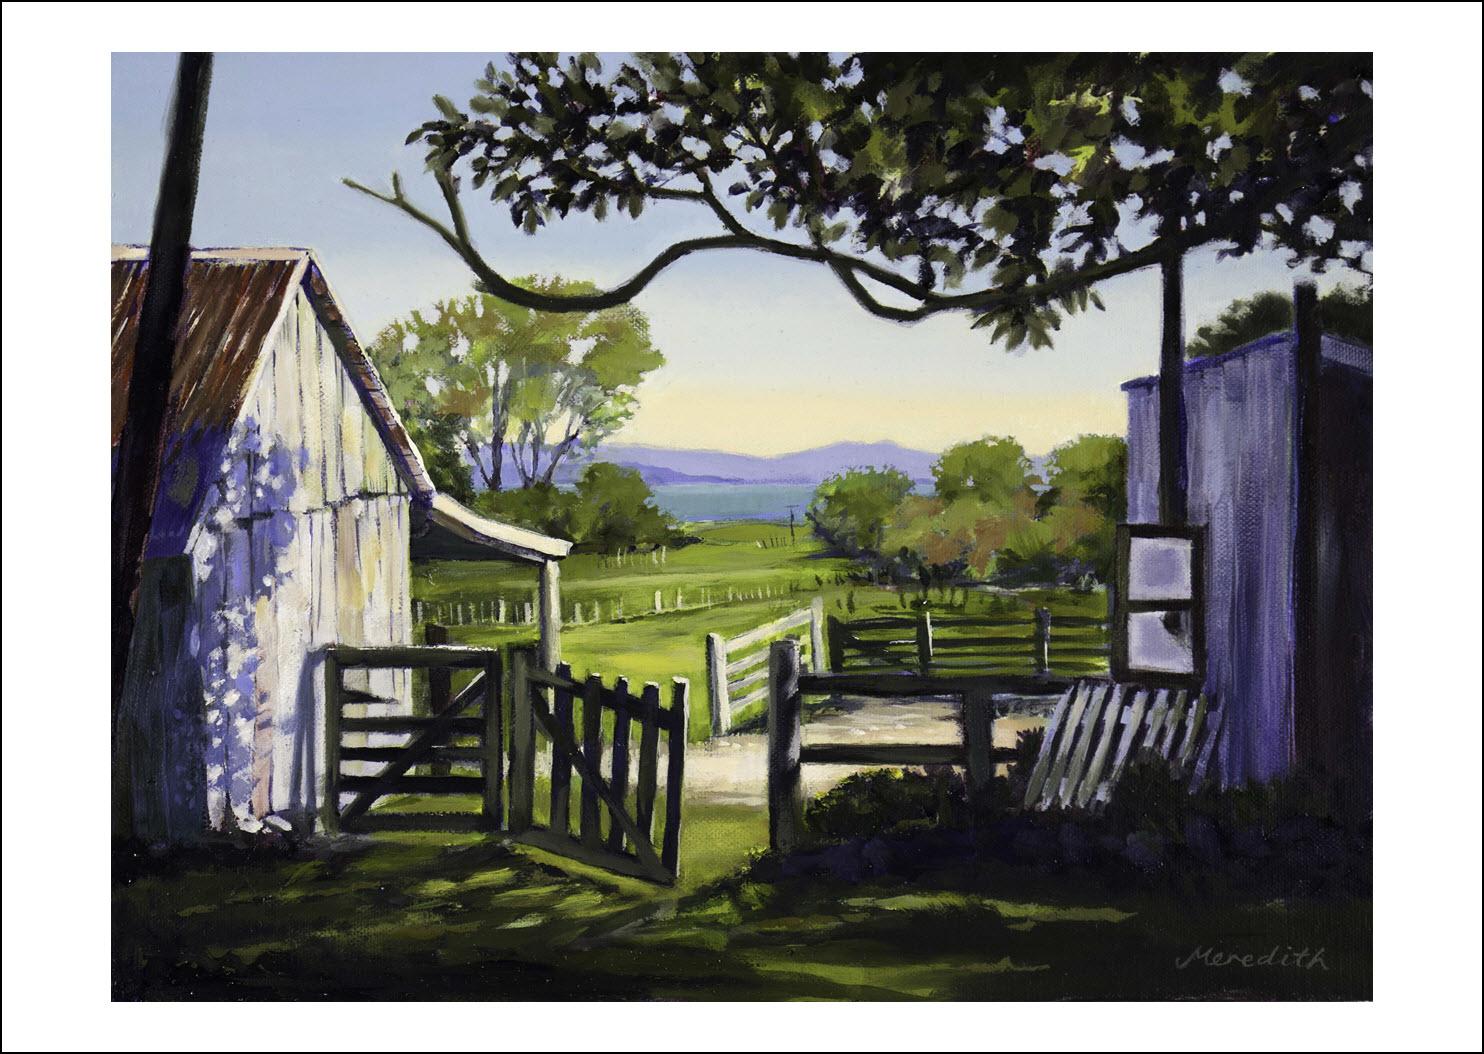 45. The Home Farm